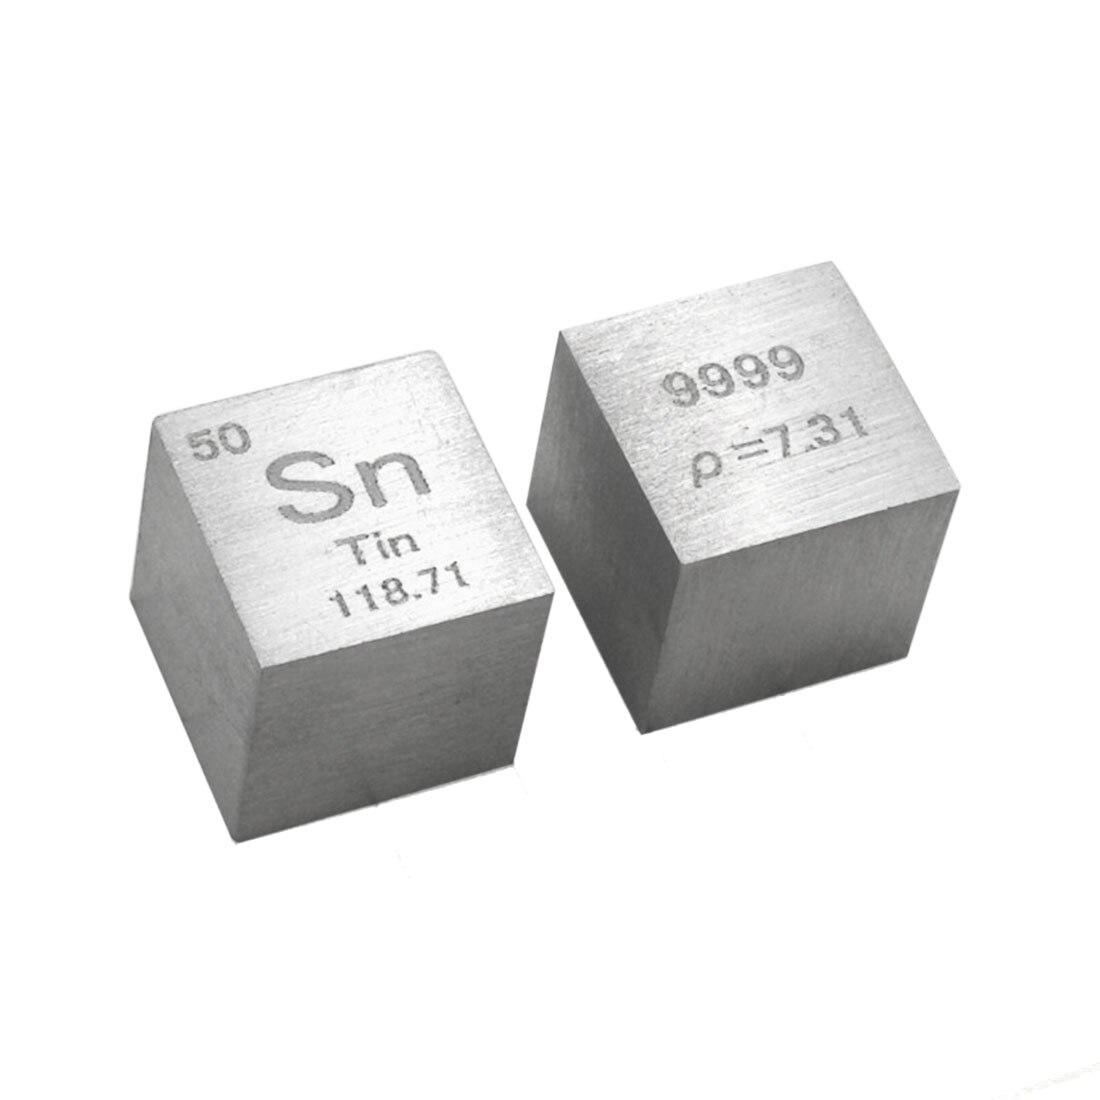 1 шт., игрушки для детей, Обучающие кубики для рукоделия, 10X10X10 мм - Цвет: 1